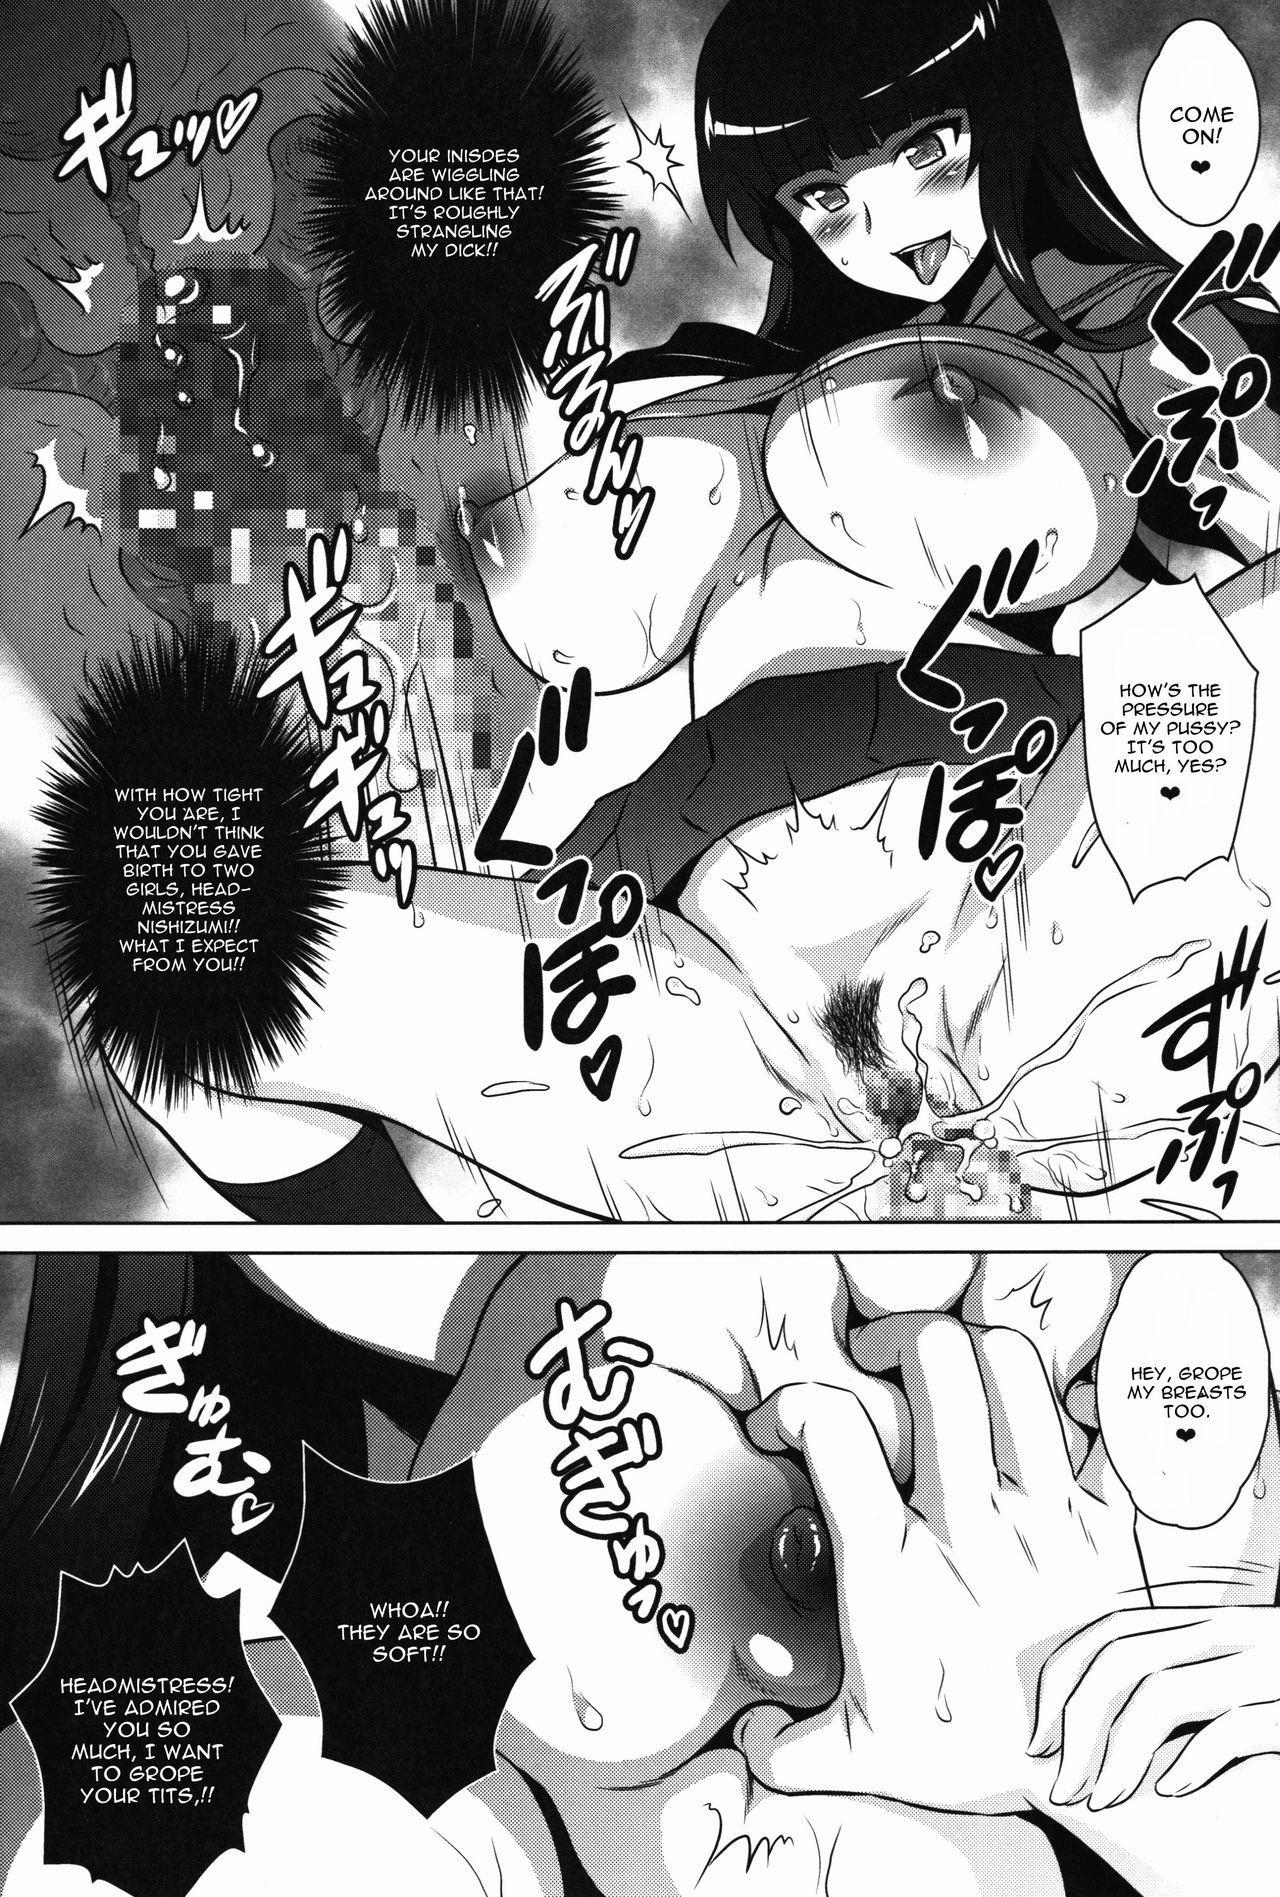 Yorokobi no Kuni Vol. 27 Ura Nishizumi-ryuu 12